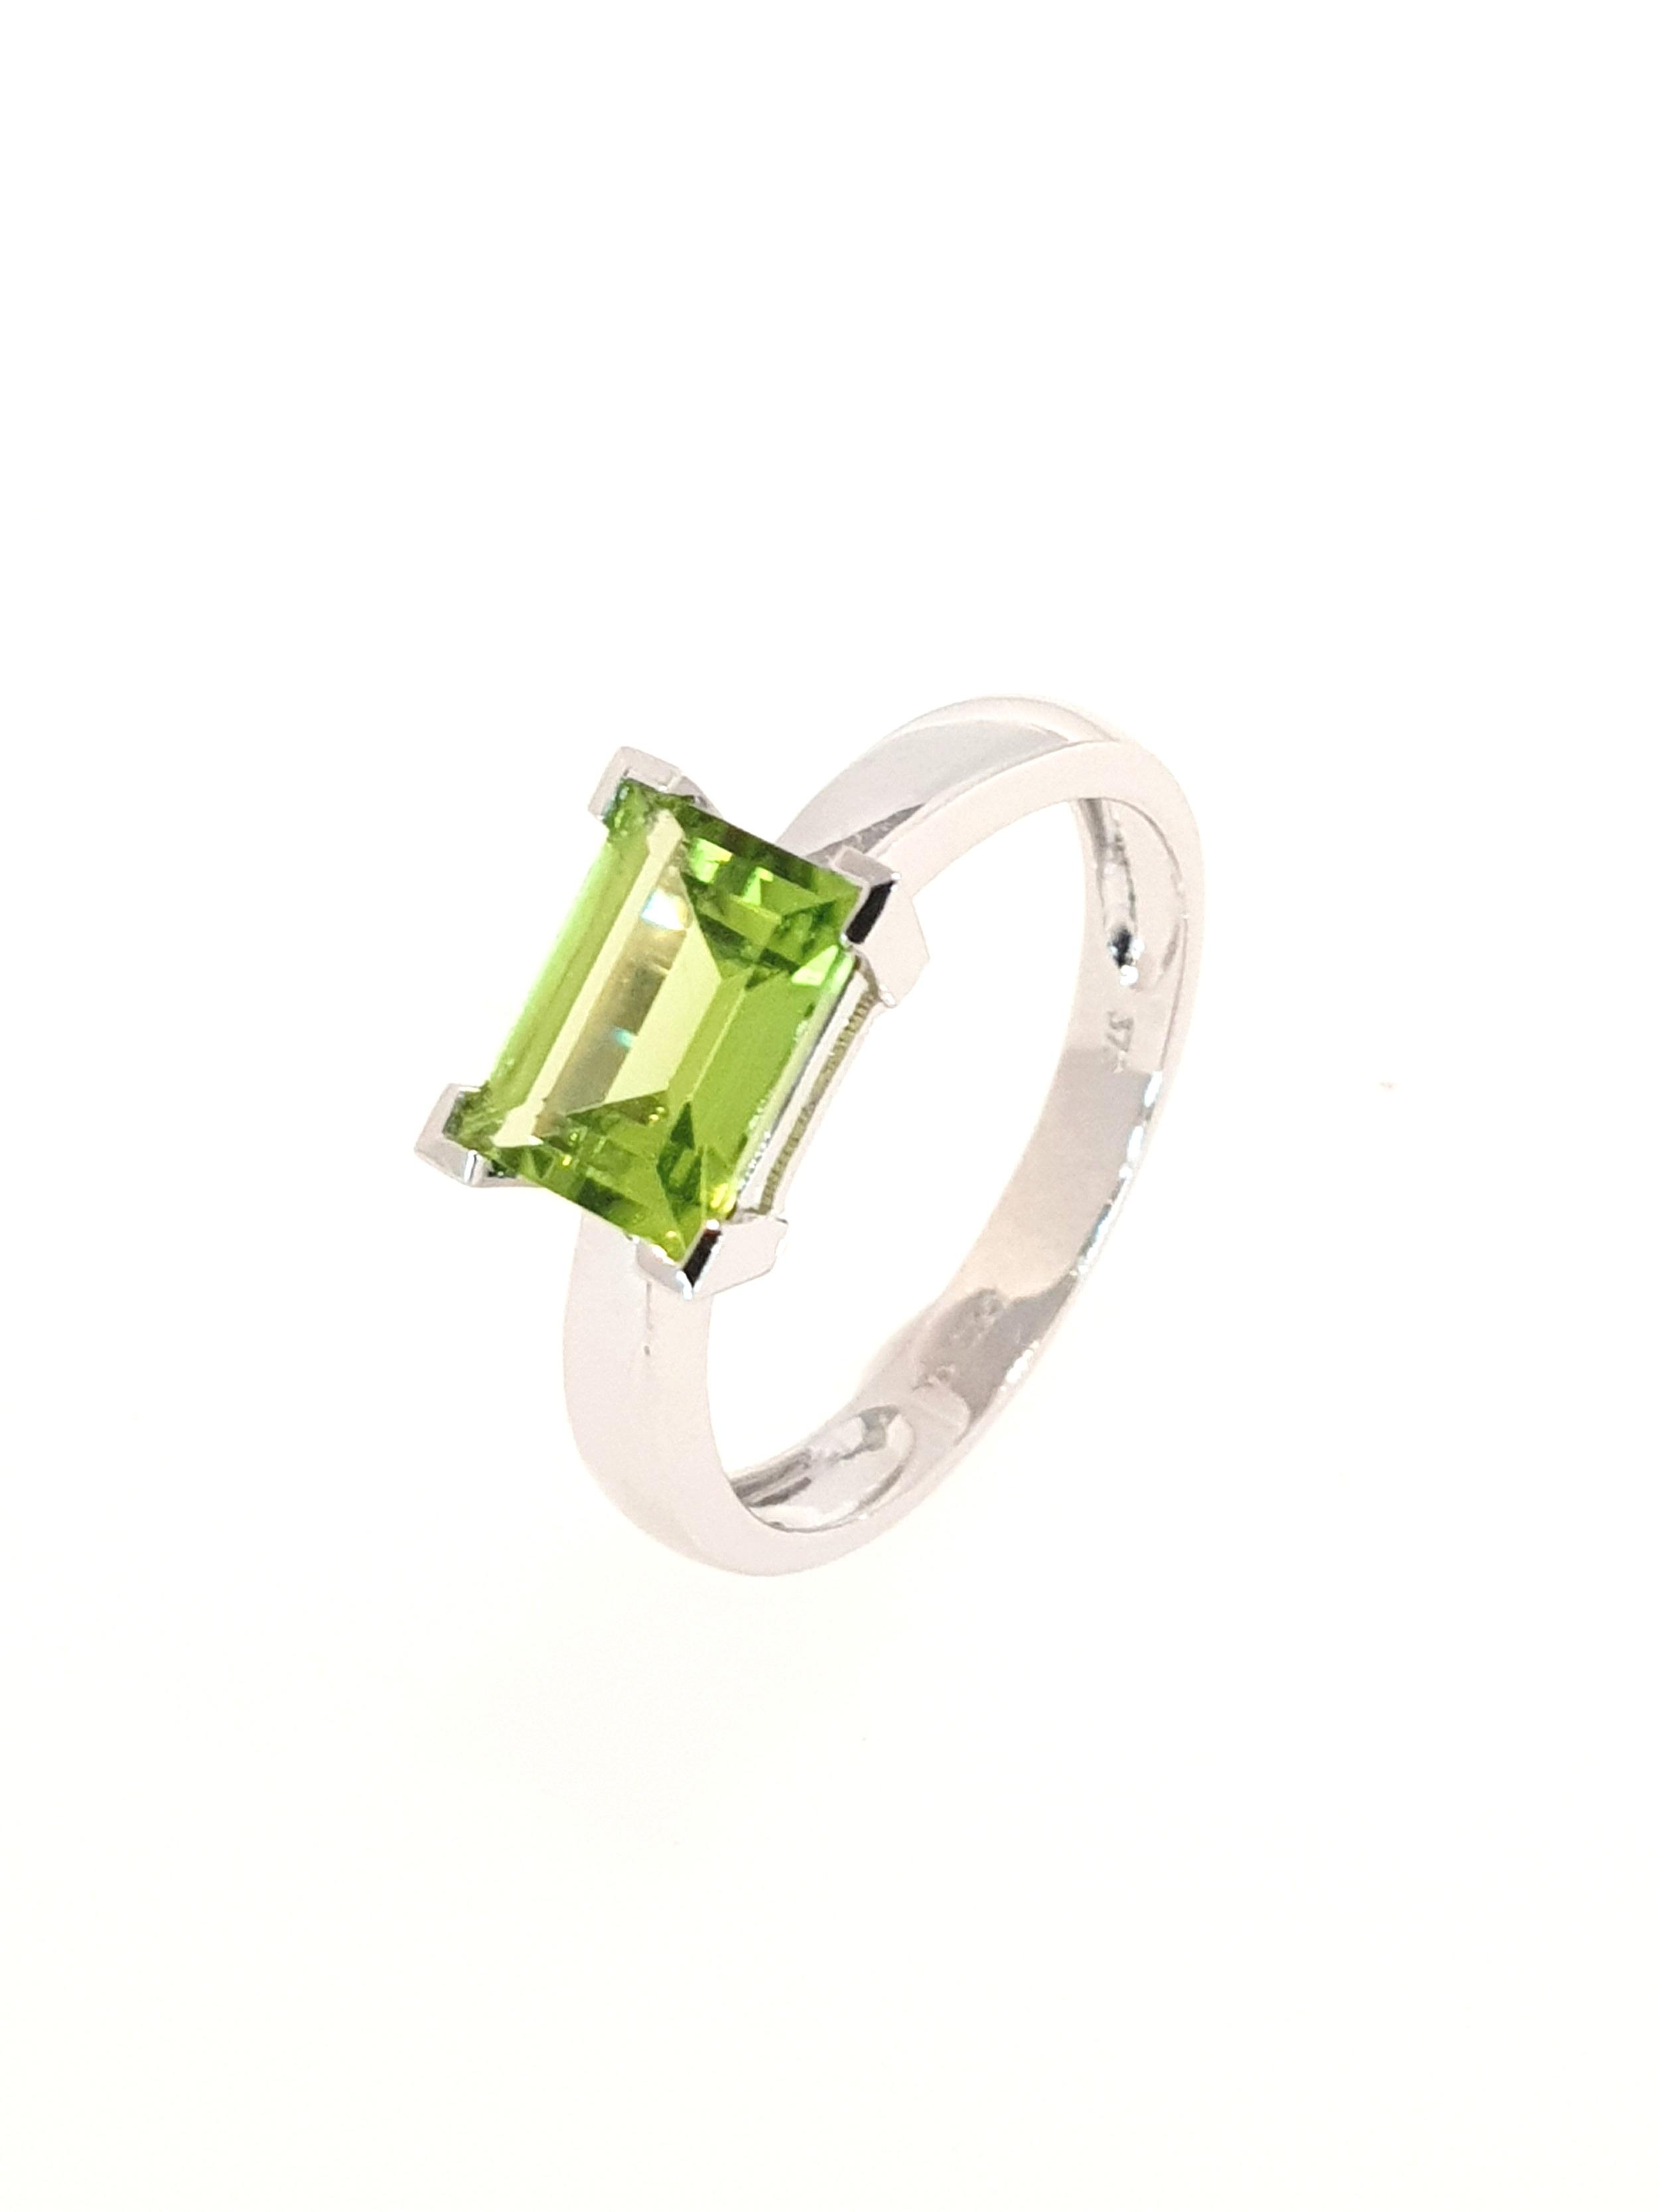 9ct White Gold Peridot Ring  Stock Code: G1962  £360